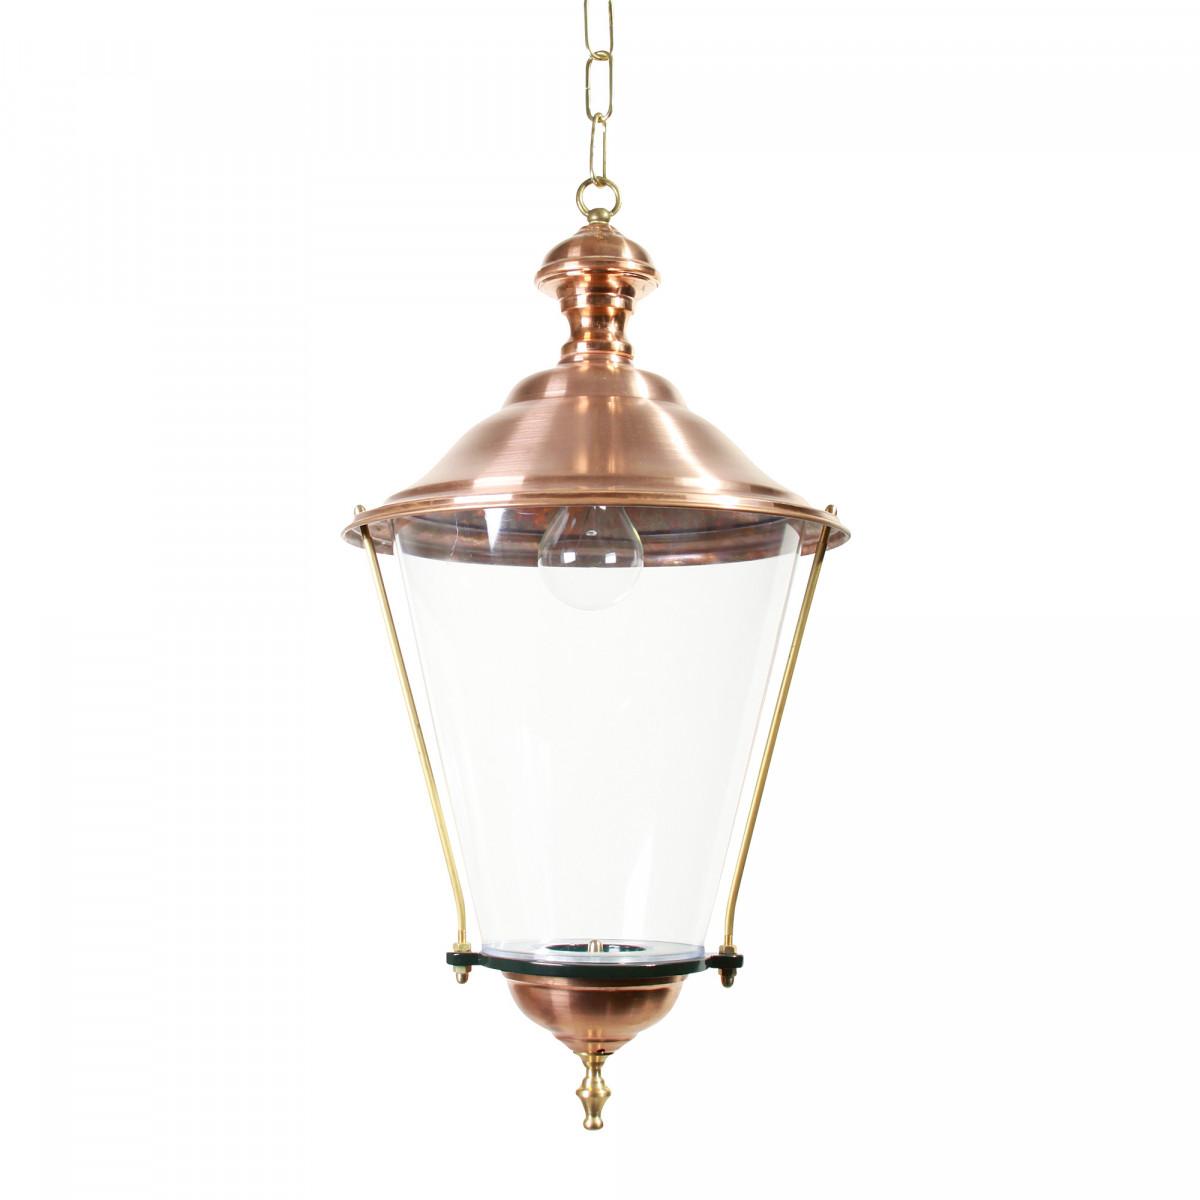 Hanglamp Hoorn aan ketting